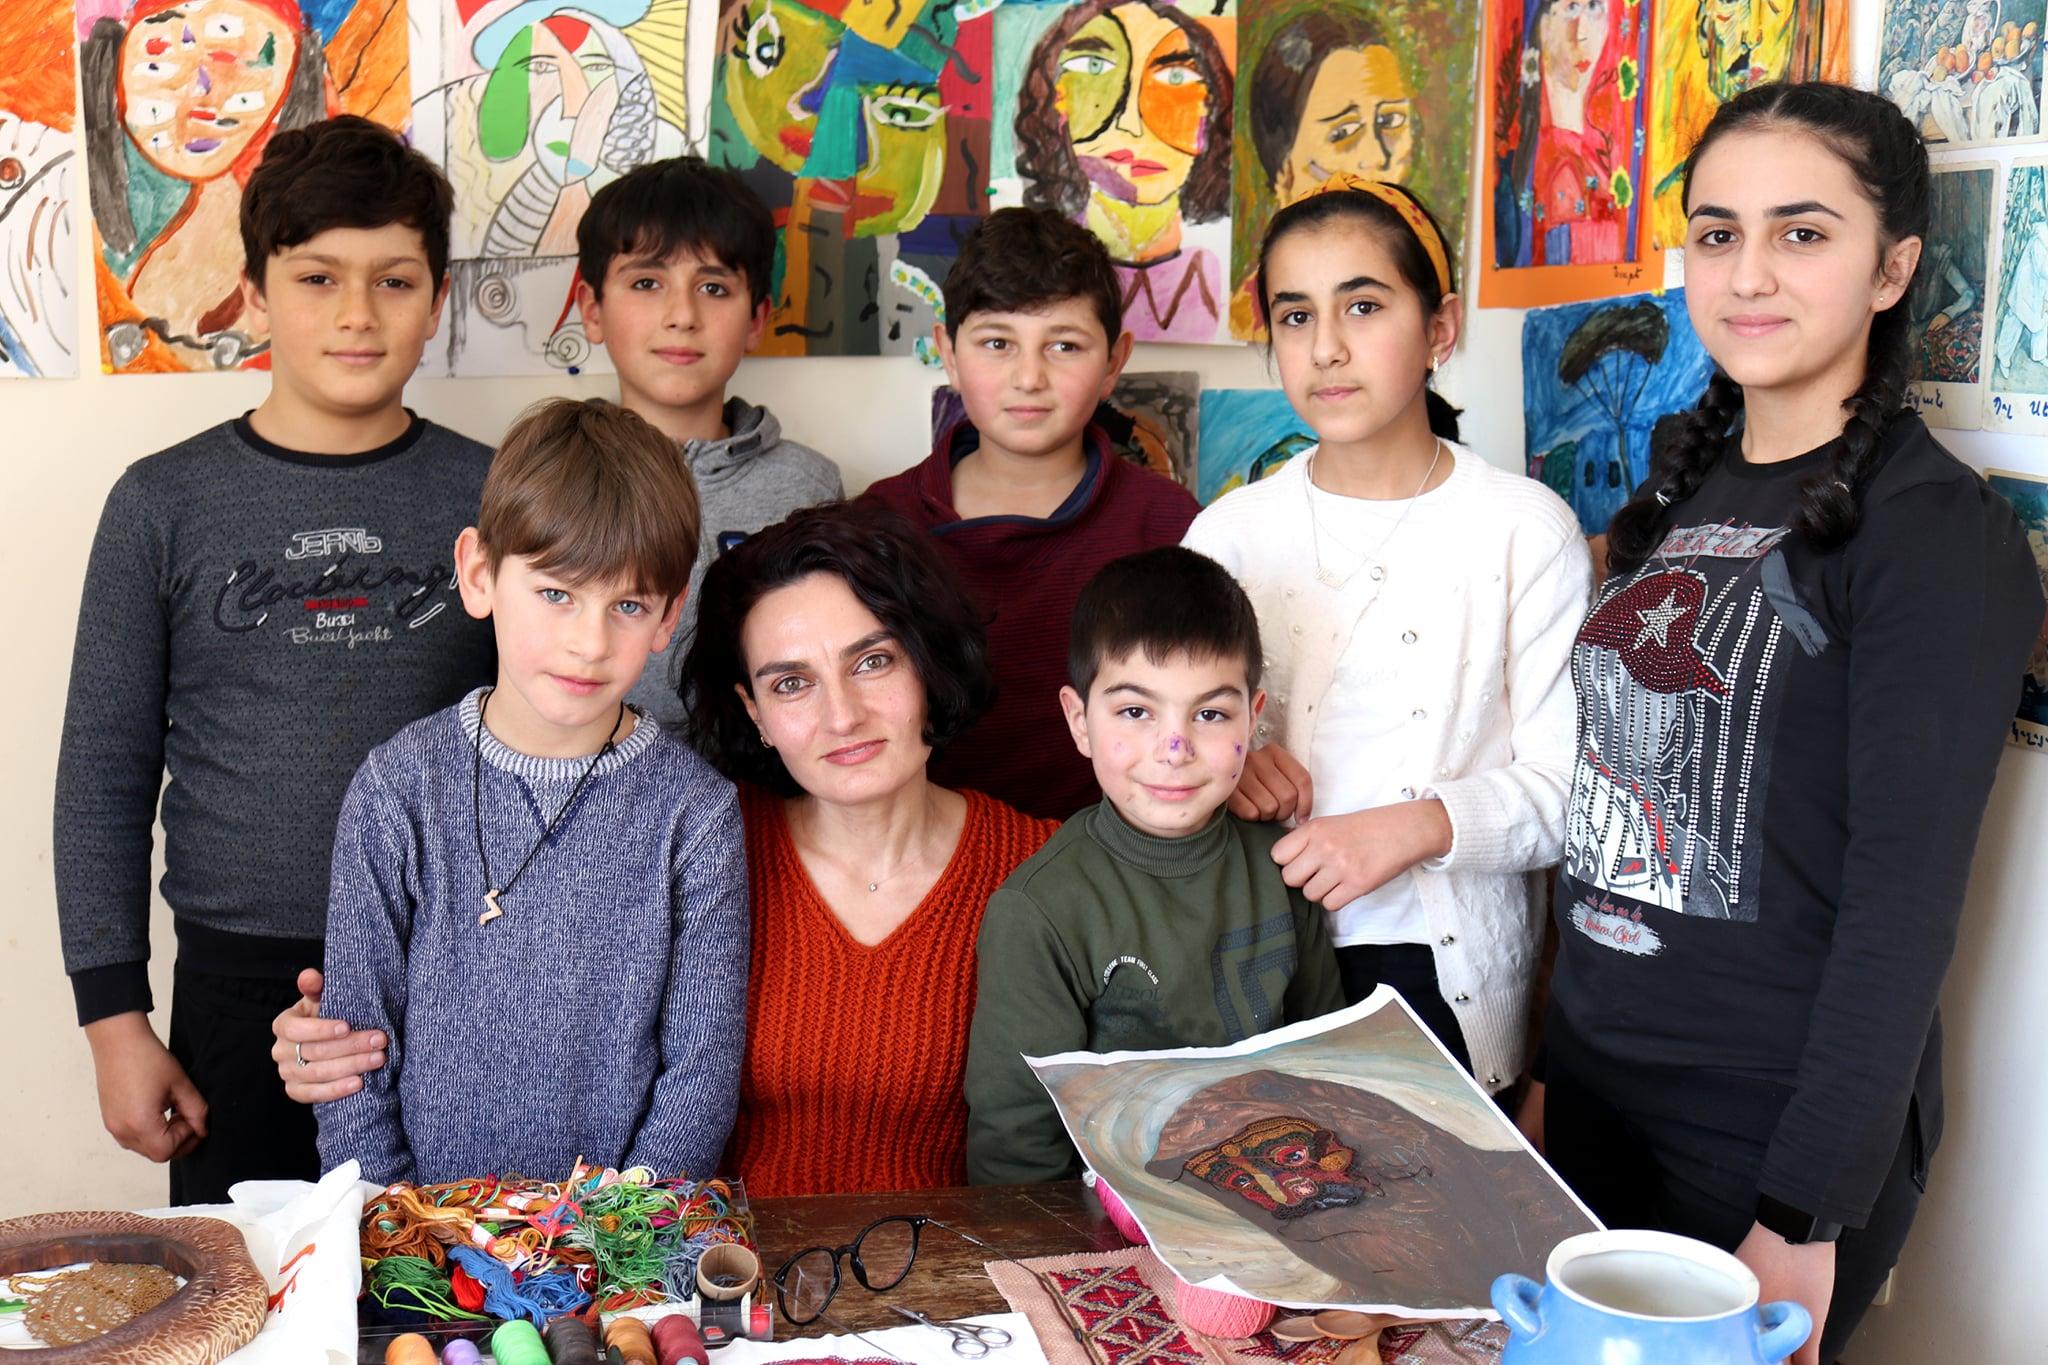 Photo of Հրազդանցի երիտասարդ գեղանկարչուհին ասեղնագործության բնագավառում արժանացել է ժողովրդական վարպետի կոչման